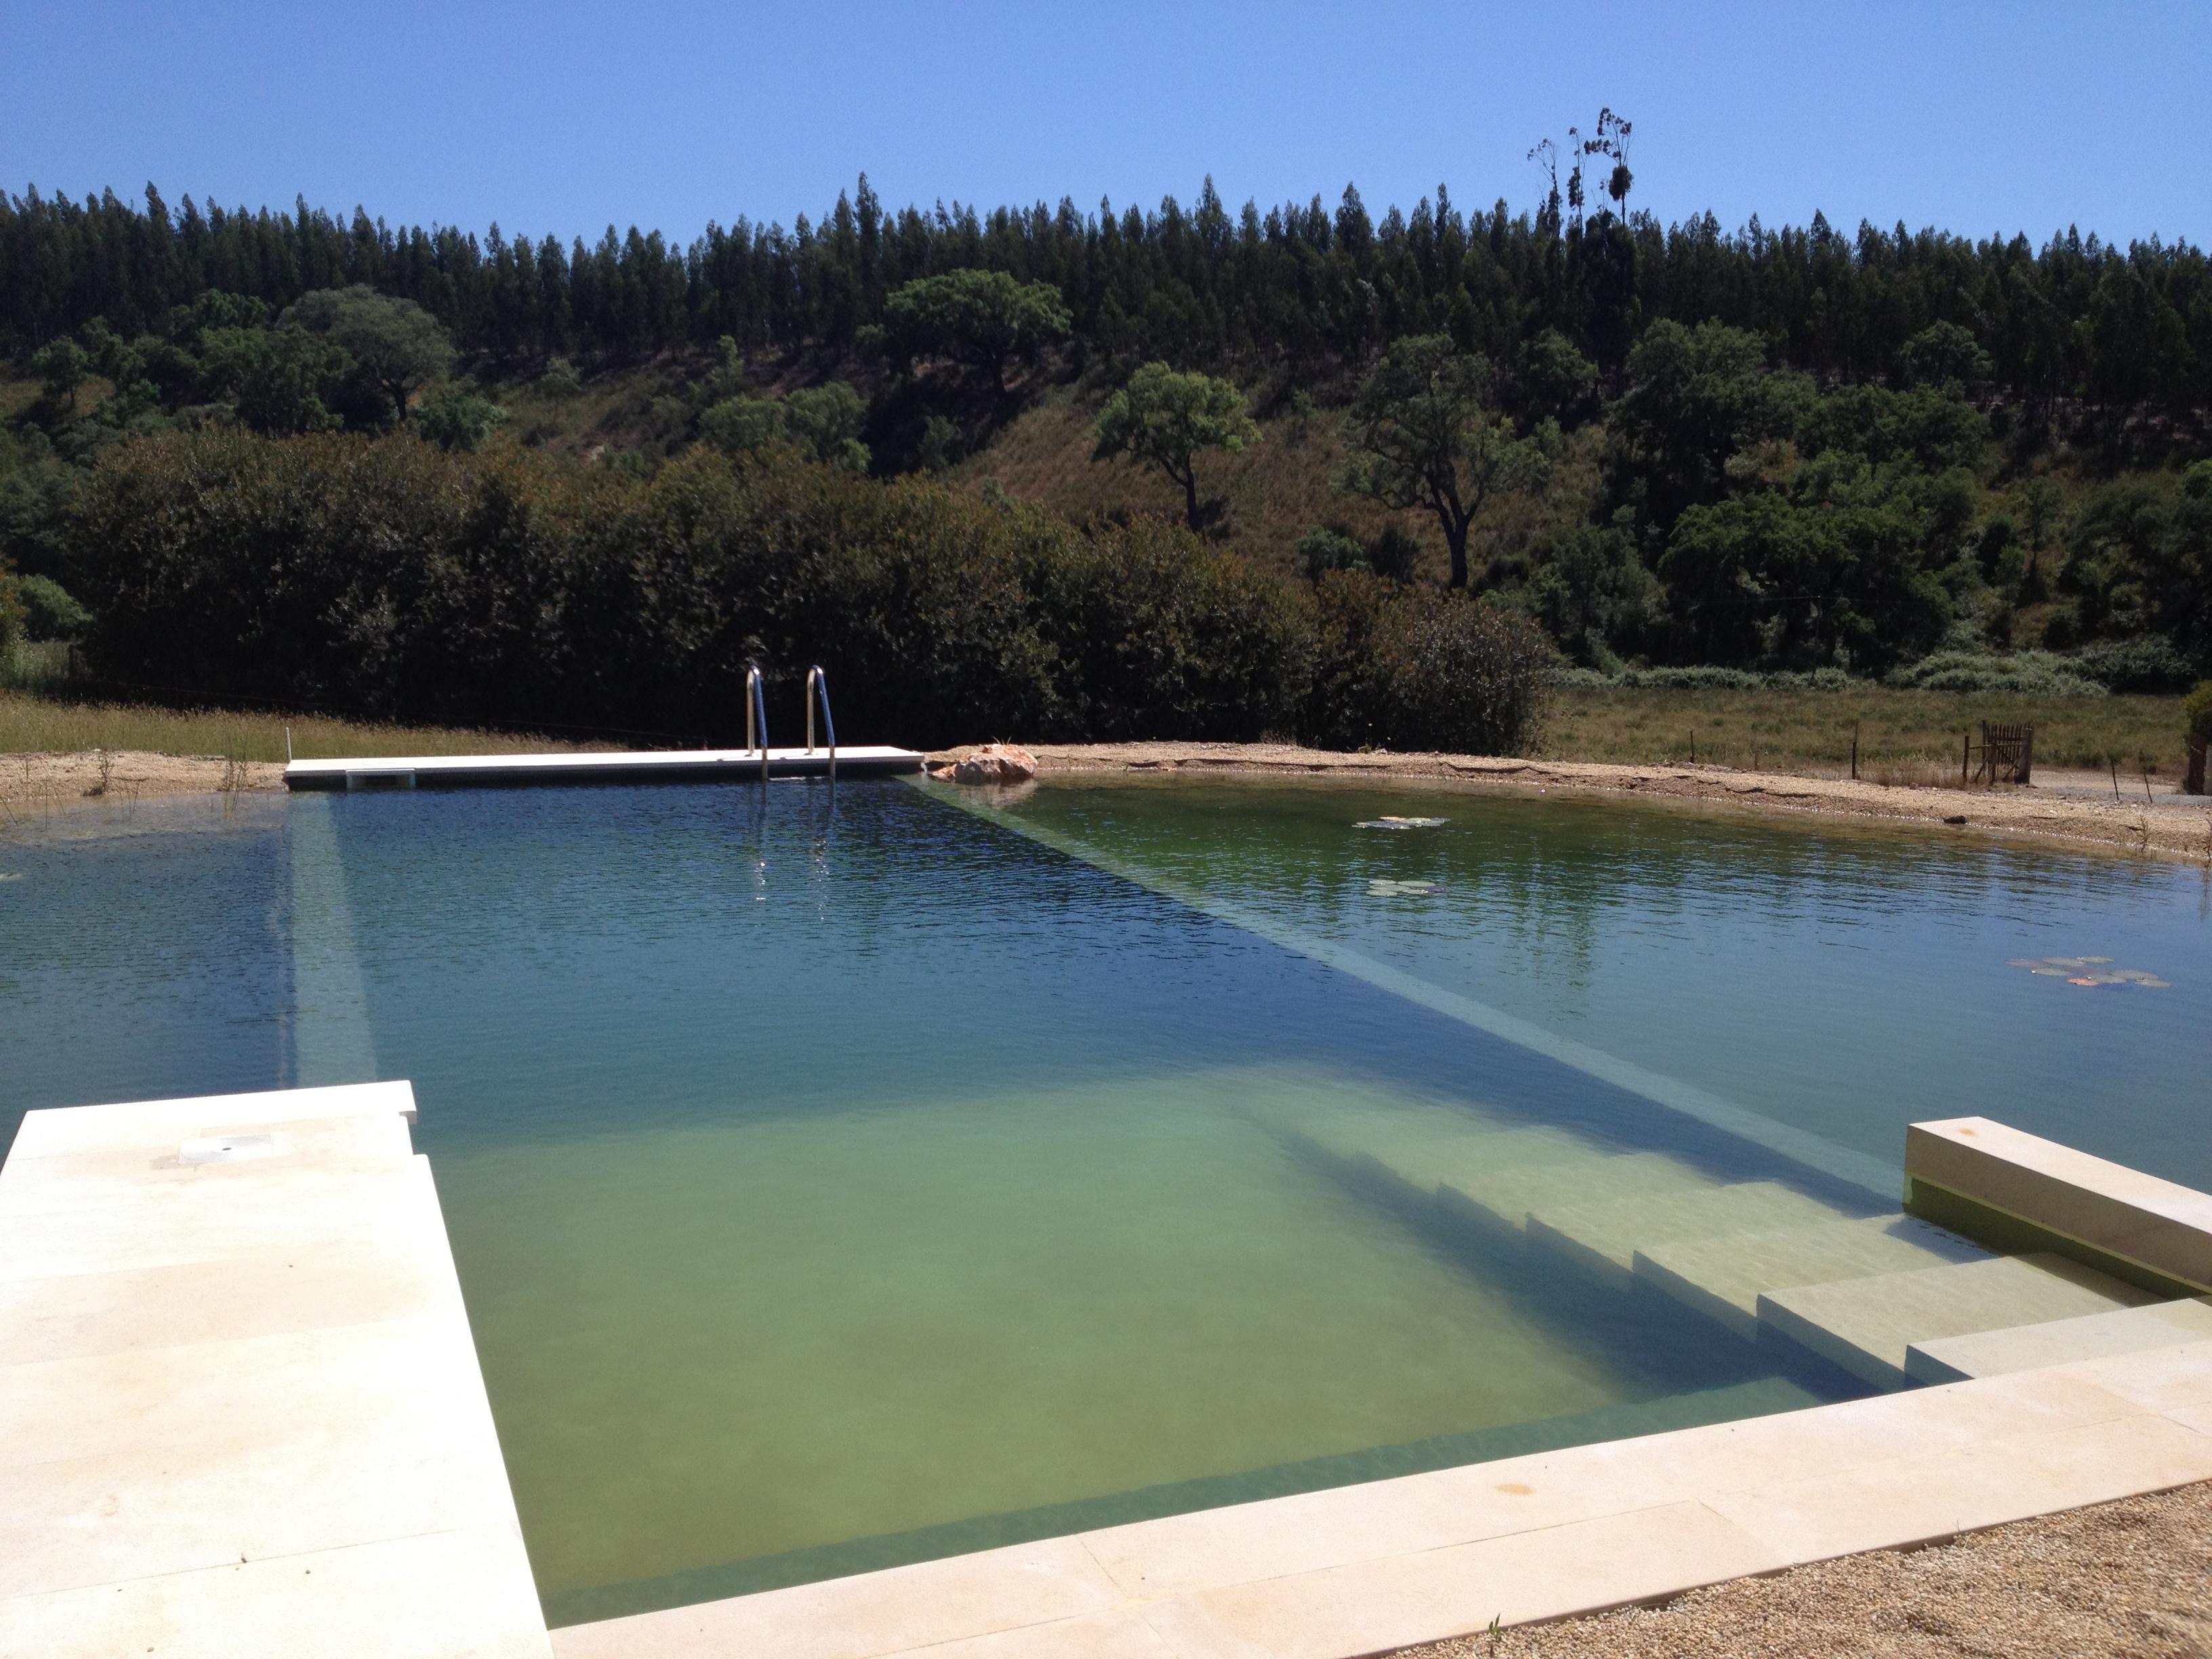 Transform a tank into a bio pool piscinas biol gicas for Piscinas biologicas